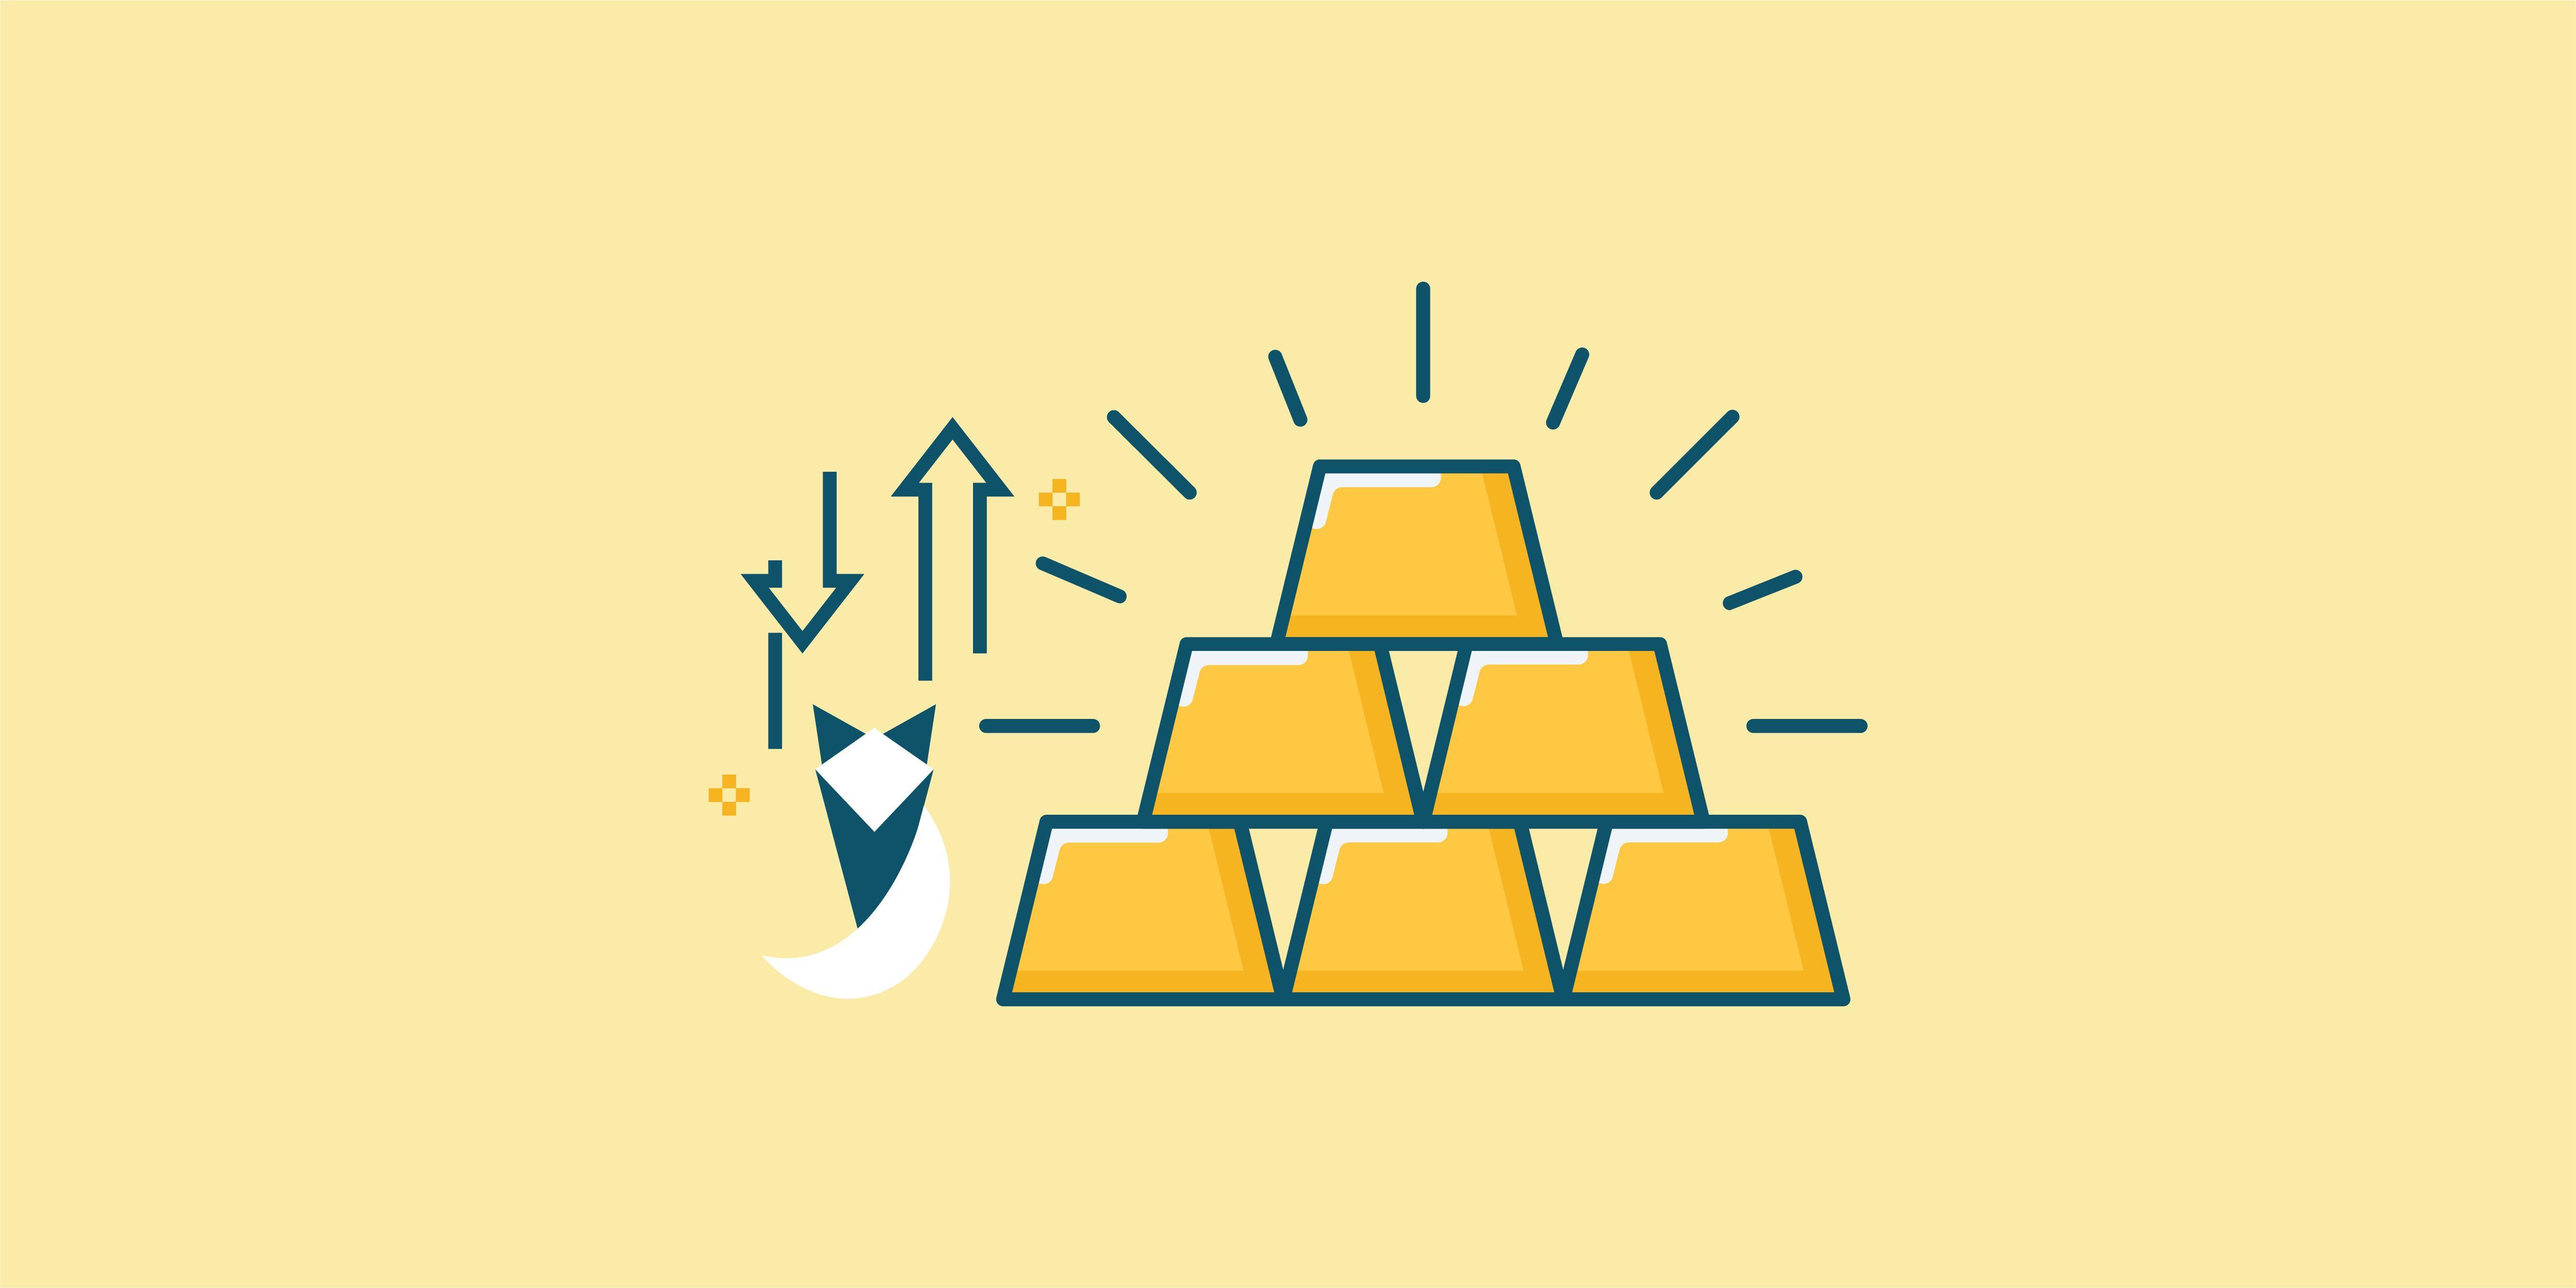 أسعار الدهب في مصر اليوم:الأربعاء 15 سبتمبر 2021